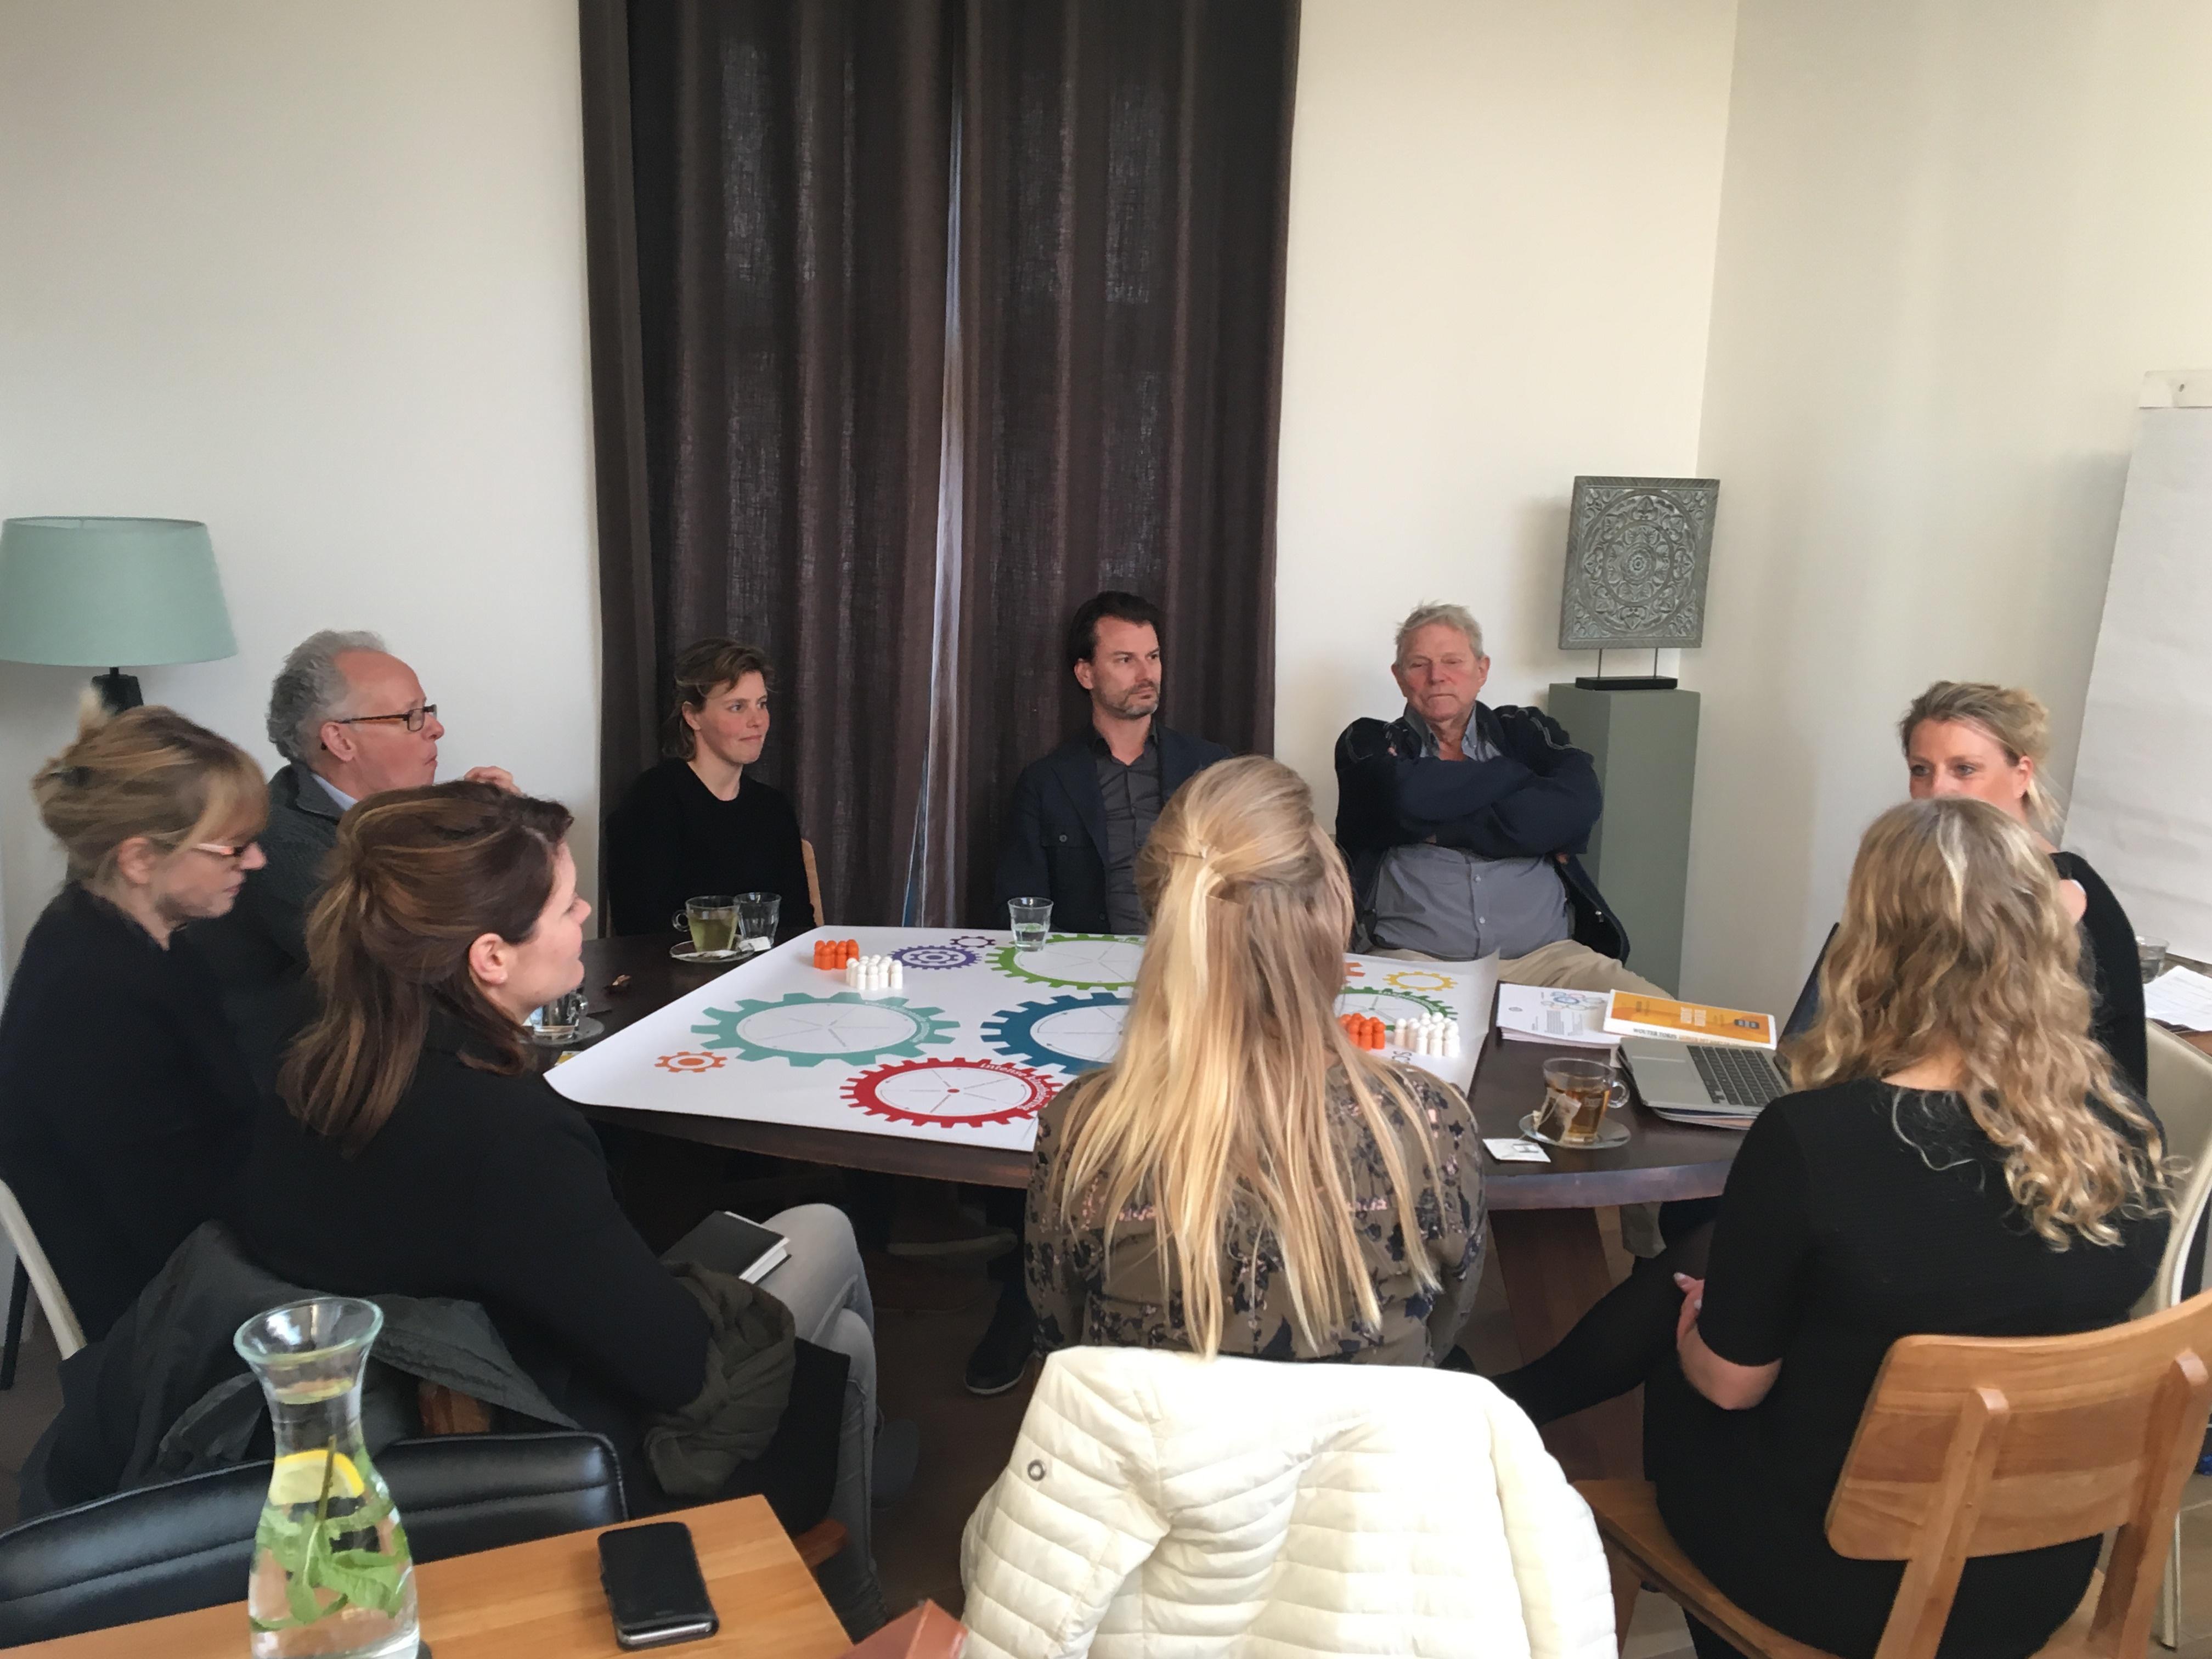 Sessie tijdens Week van de ondernemer VVV Texel 2